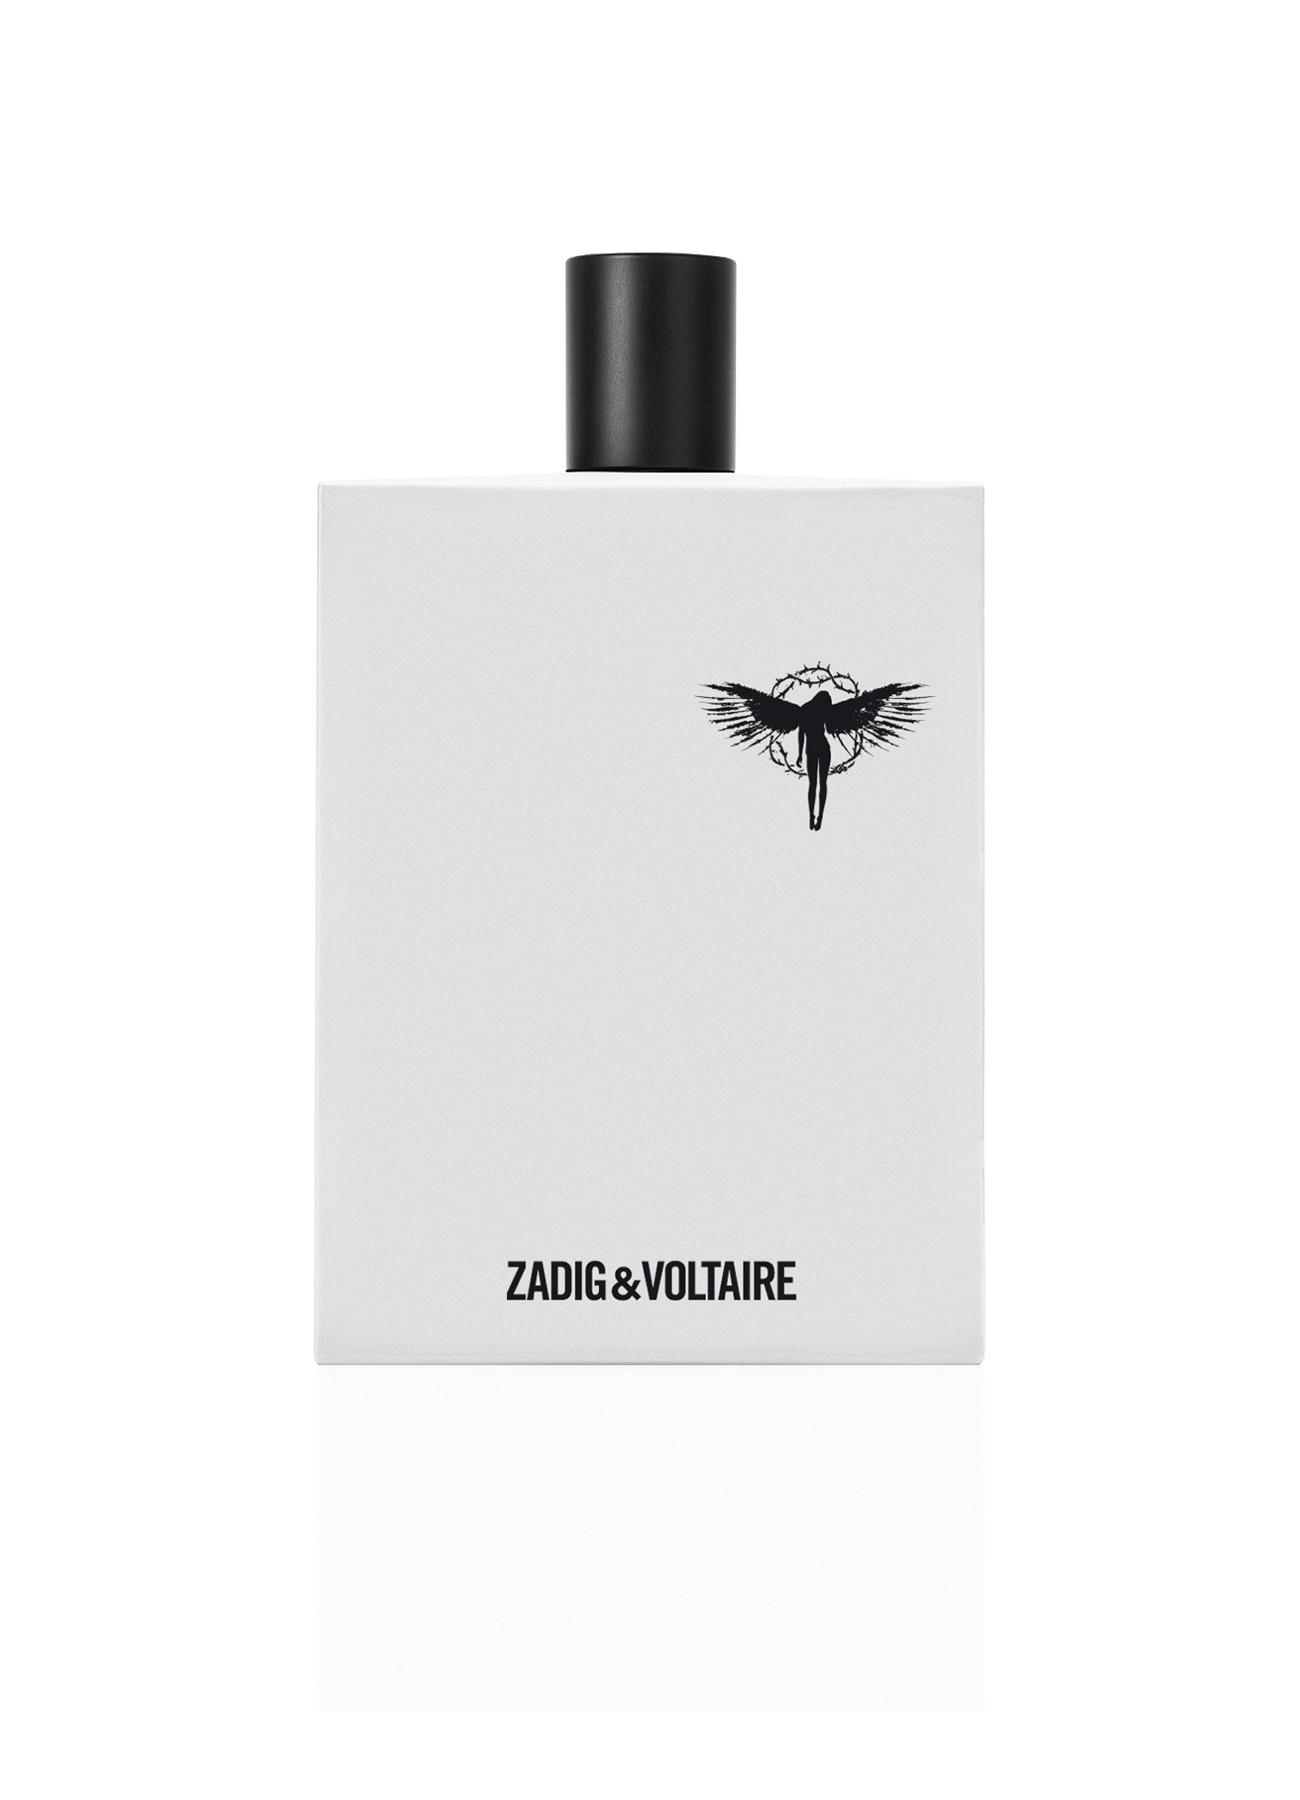 Zadig & Voltaire Tome 1 : La Pureté for Her аромат для женщин